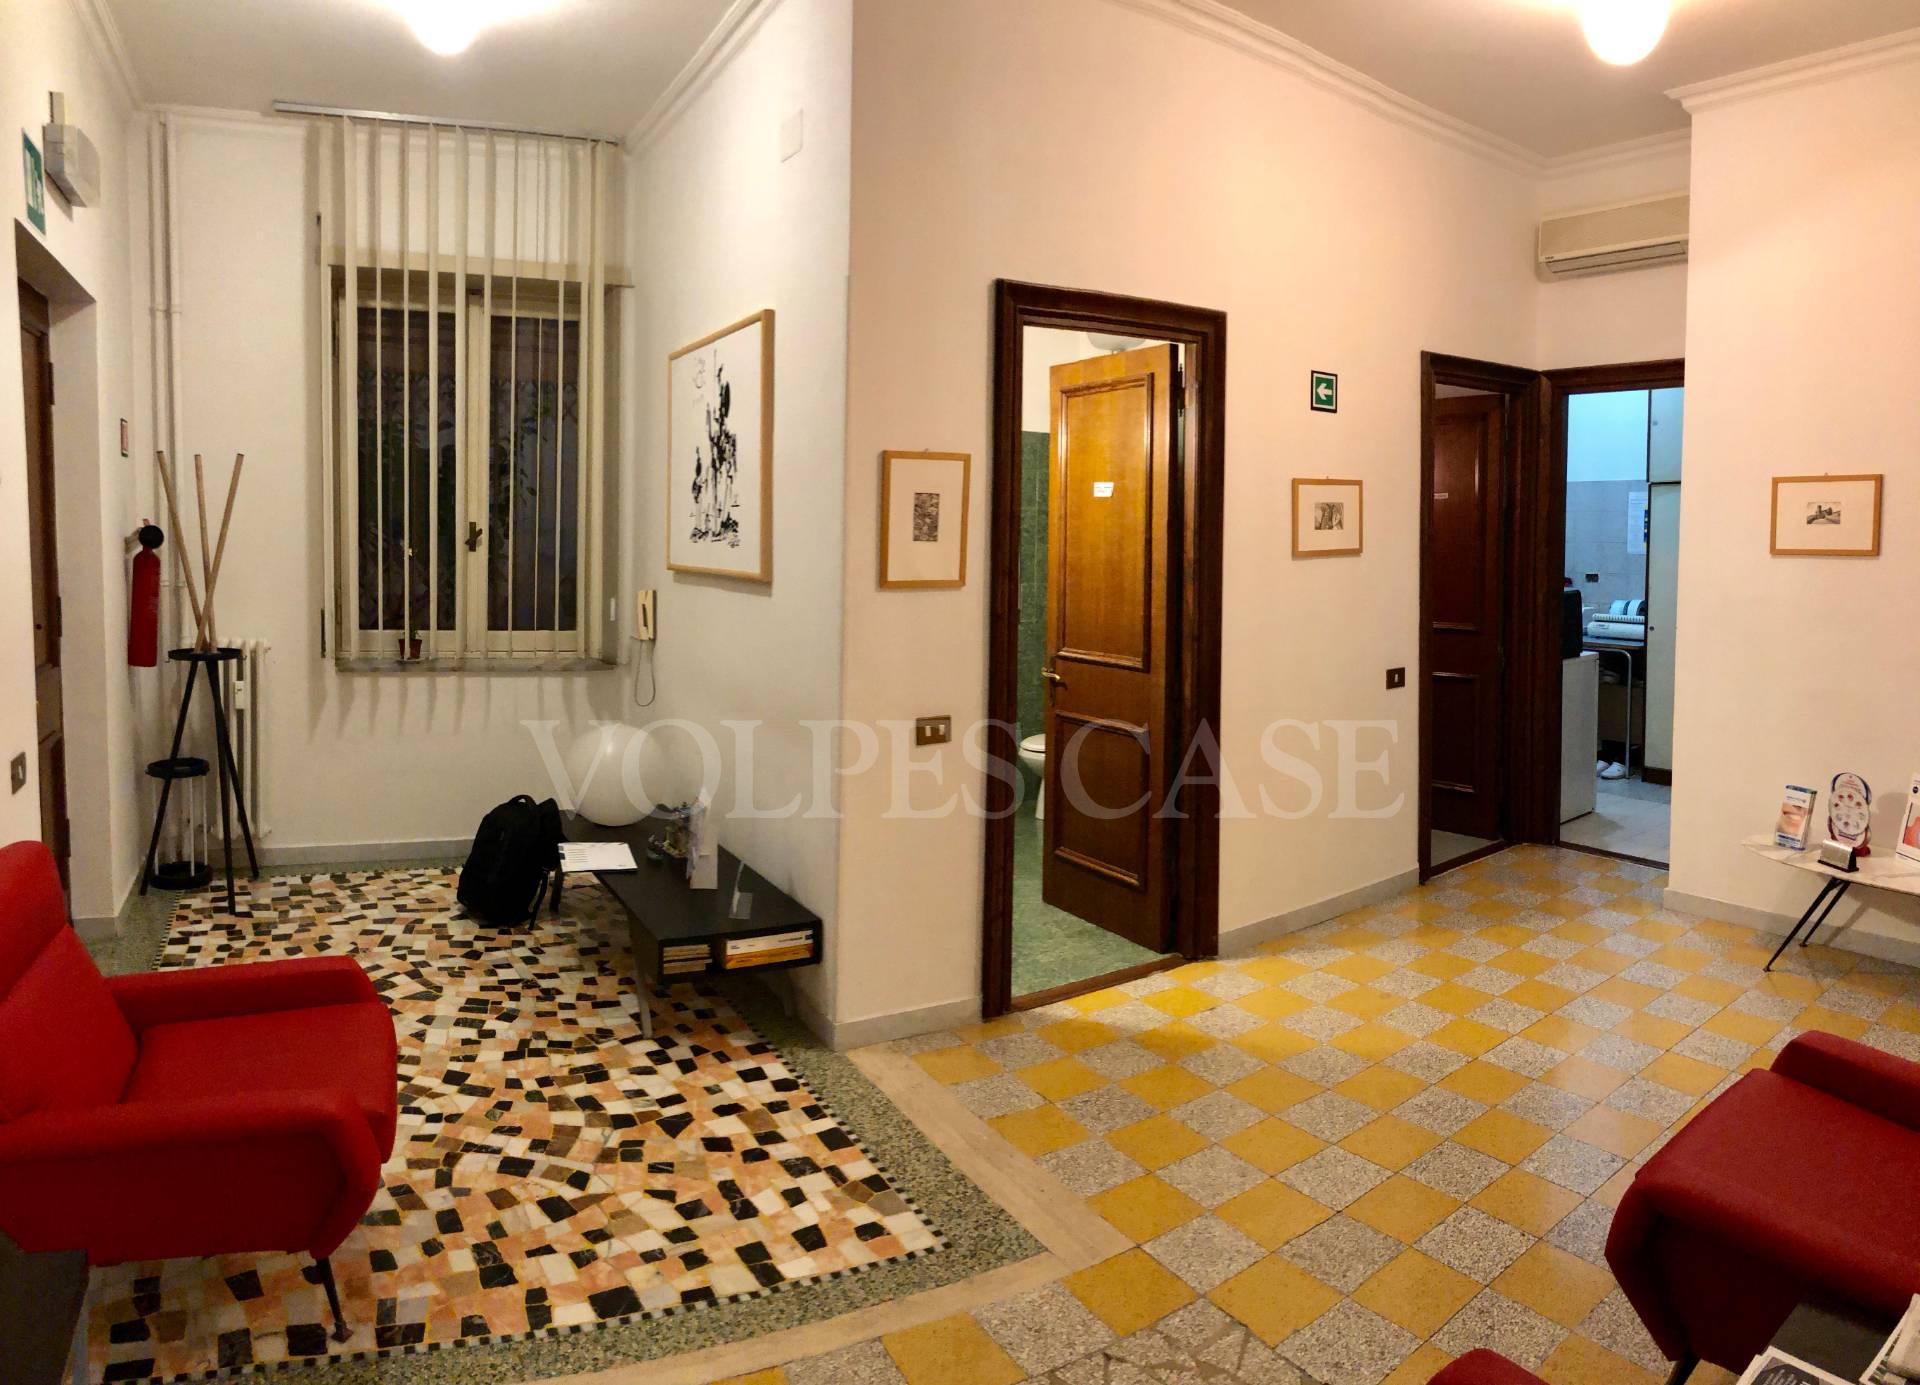 Ufficio / Studio in vendita a Roma, 9999 locali, zona Zona: 4 . Nomentano, Bologna, Policlinico, prezzo € 350.000 | CambioCasa.it